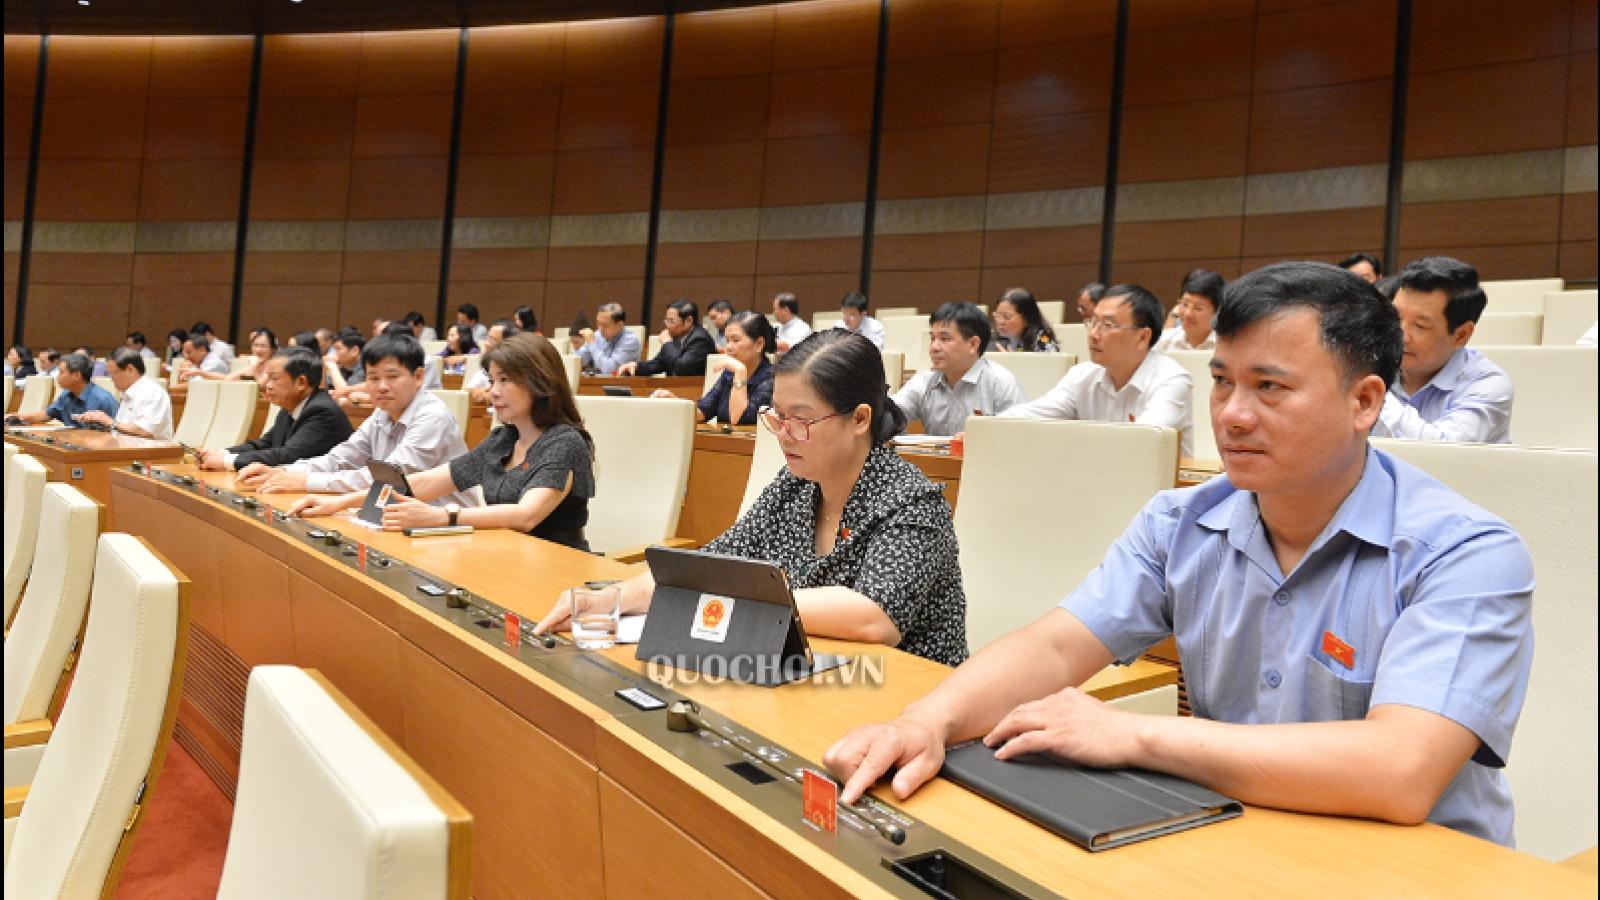 Phê chuẩn đại biểu Quốc hội chuyên trách khóa XV TP.Hà Nội và 3 tỉnh